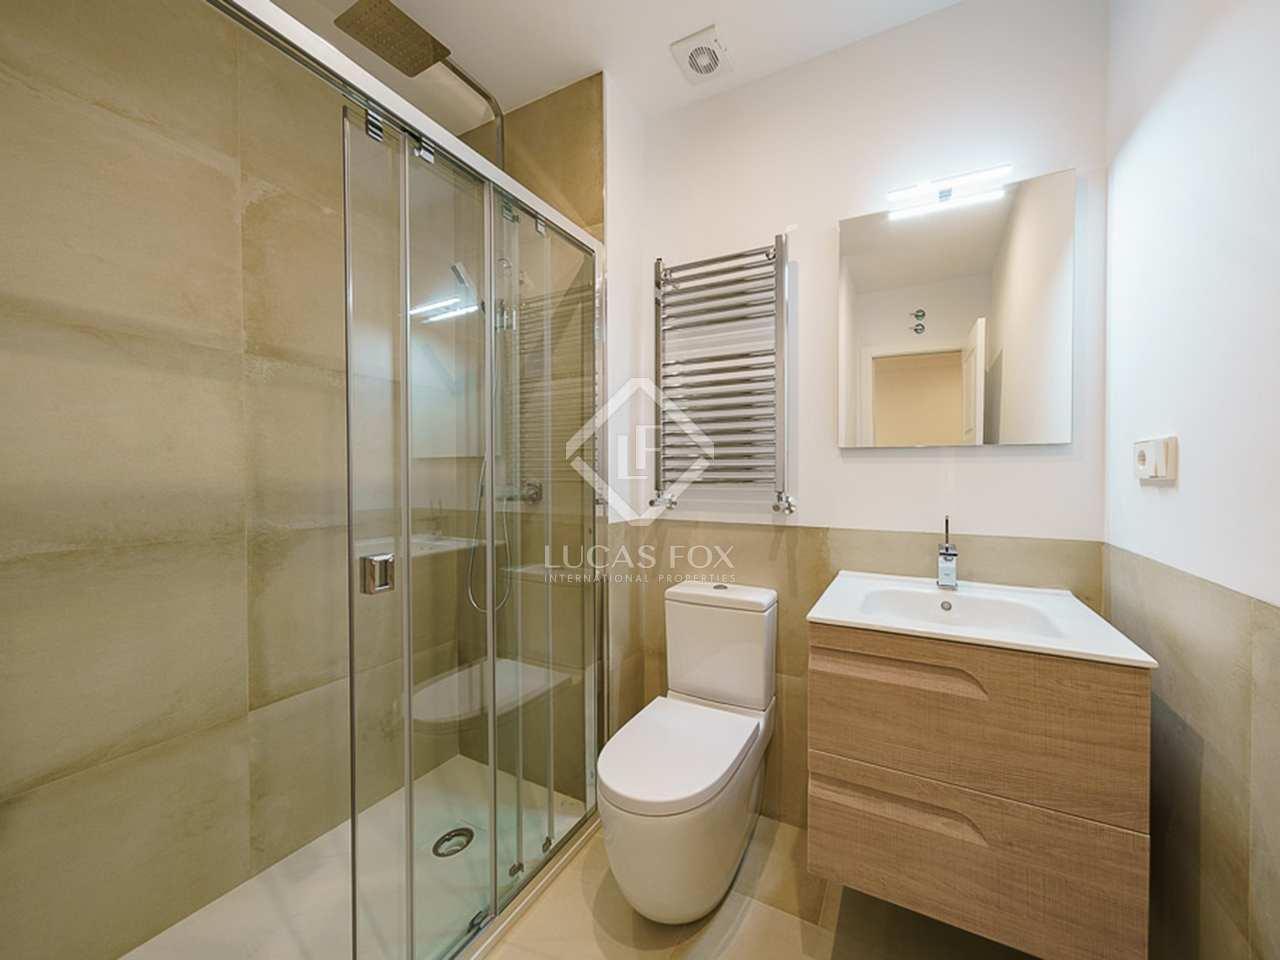 263m wohnung zum verkauf in goya madrid. Black Bedroom Furniture Sets. Home Design Ideas